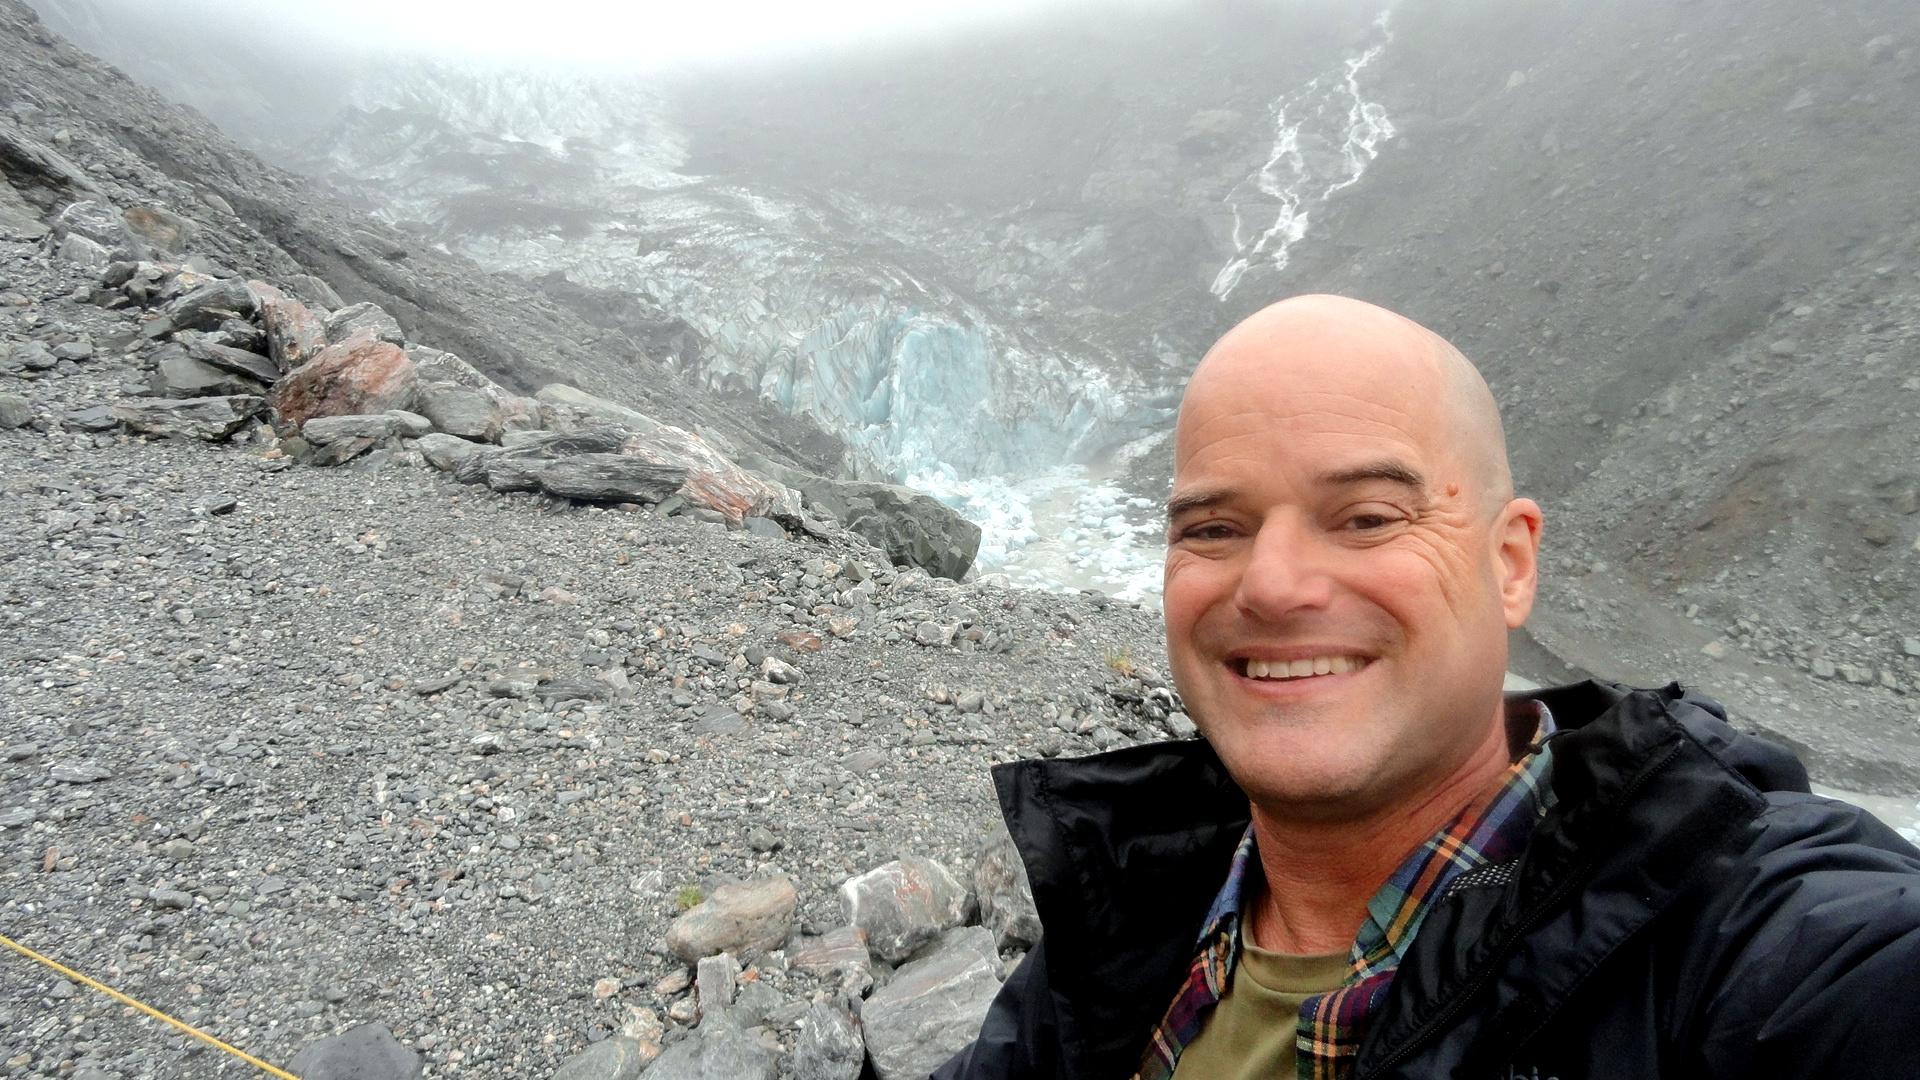 Selfie at Fox Glacier